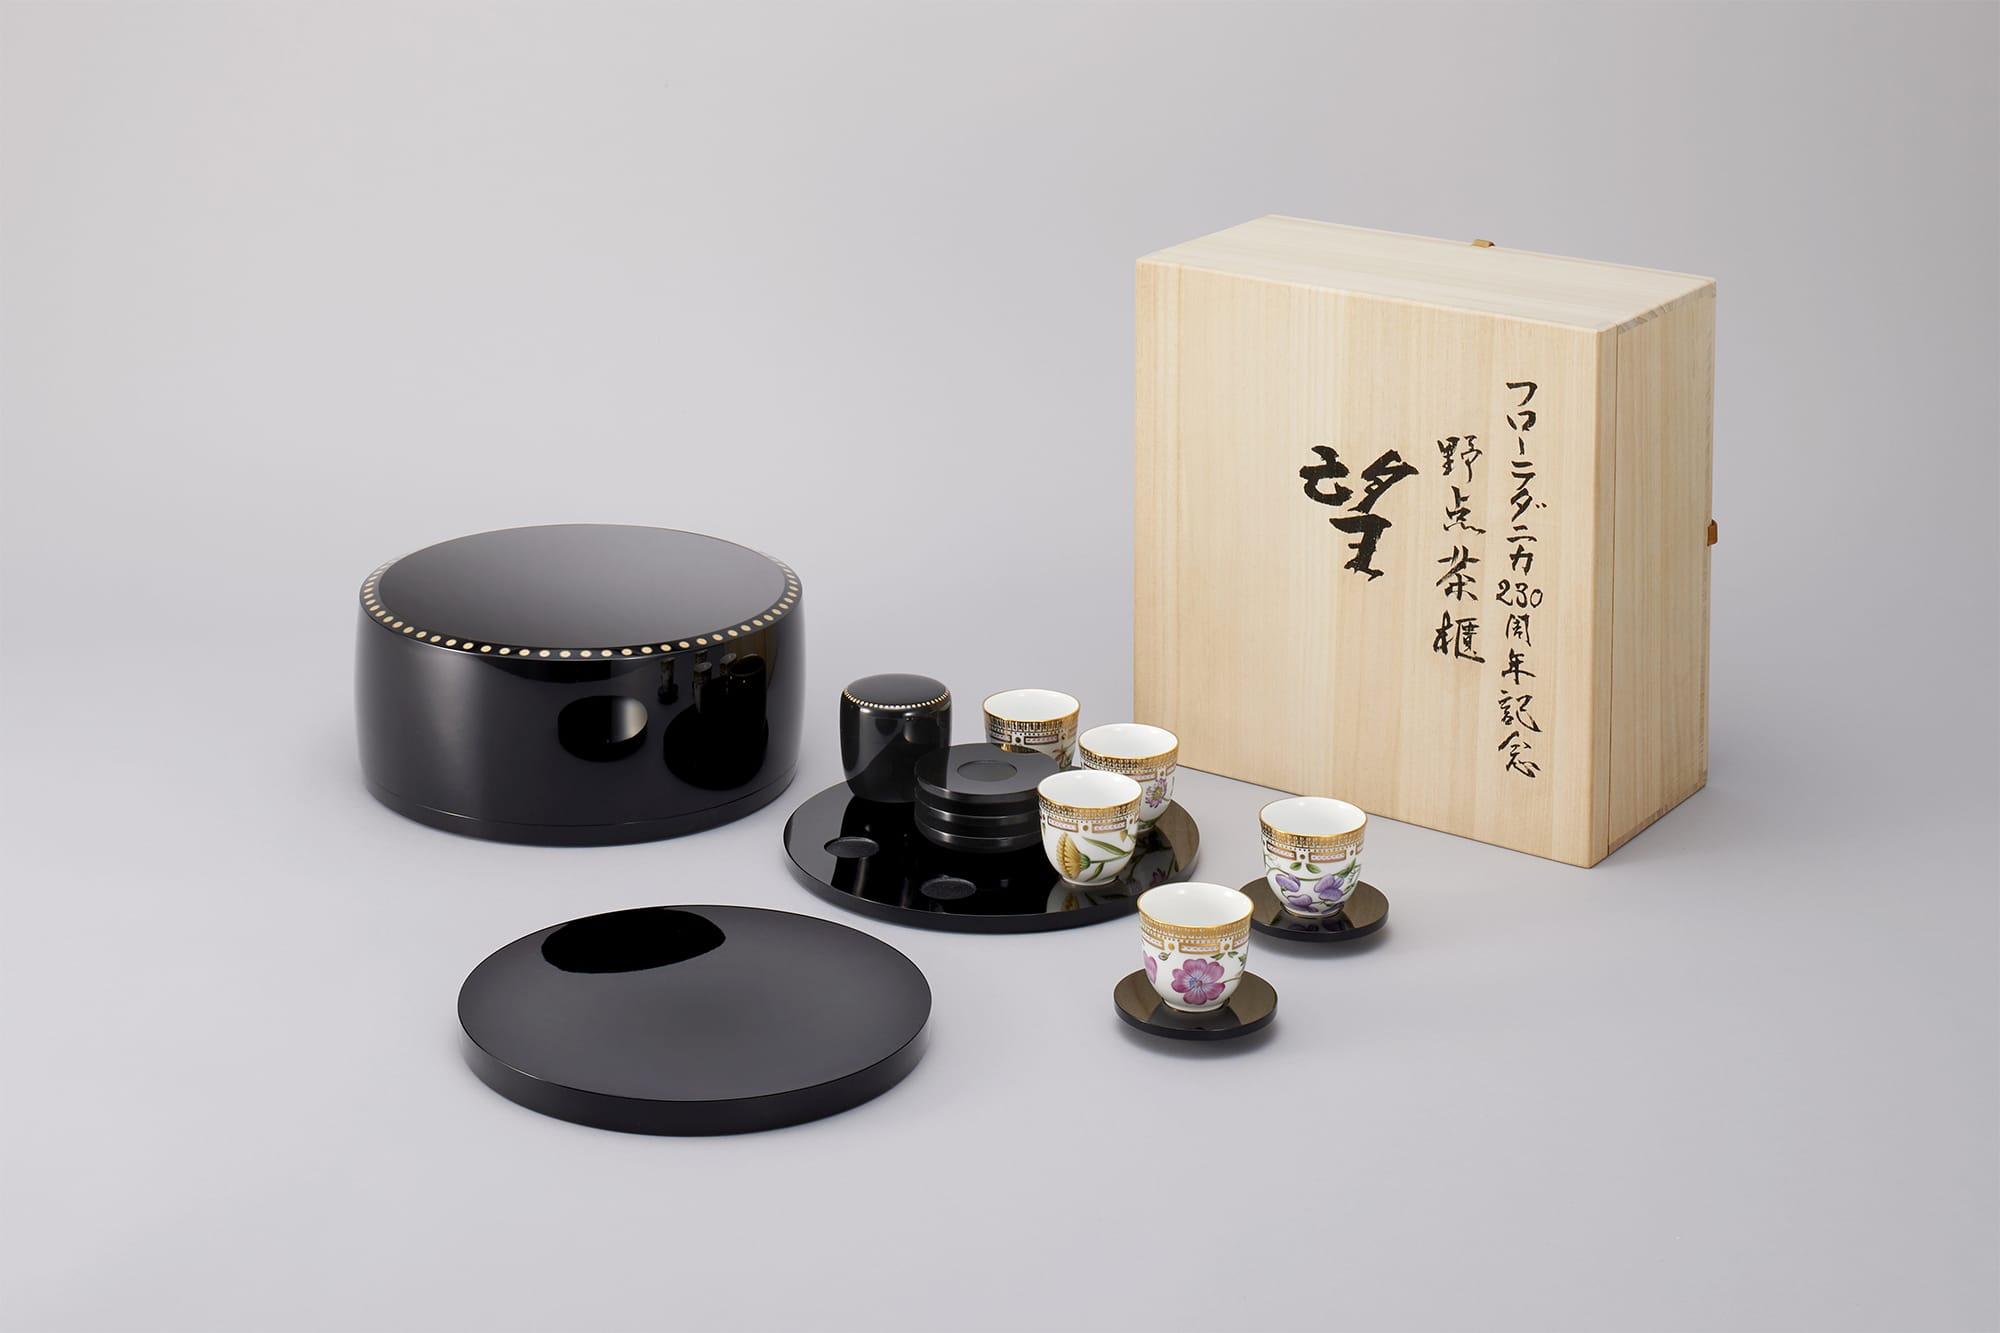 フローラ ダニカのモカカップ5点と茶筒や菓子盆をセットにした「望」野点茶櫃。